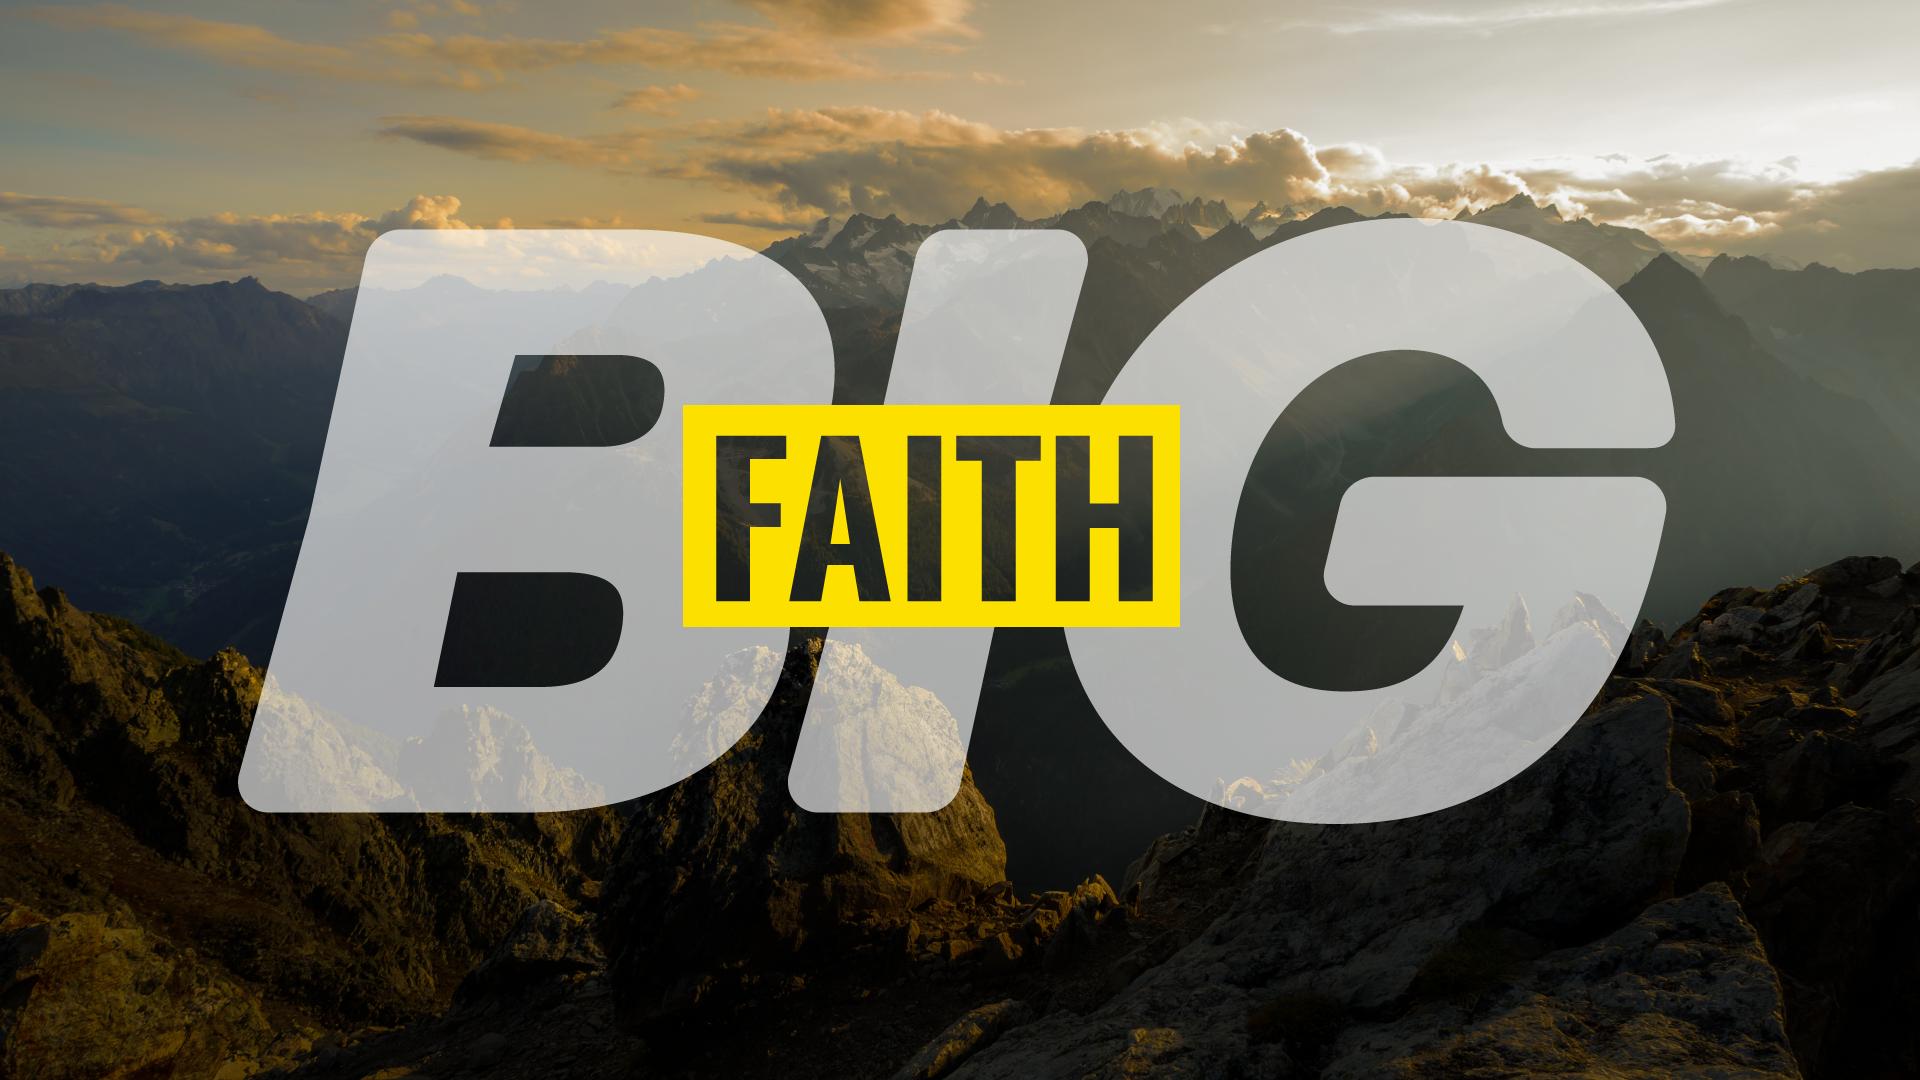 Big-Faith-1920x1080